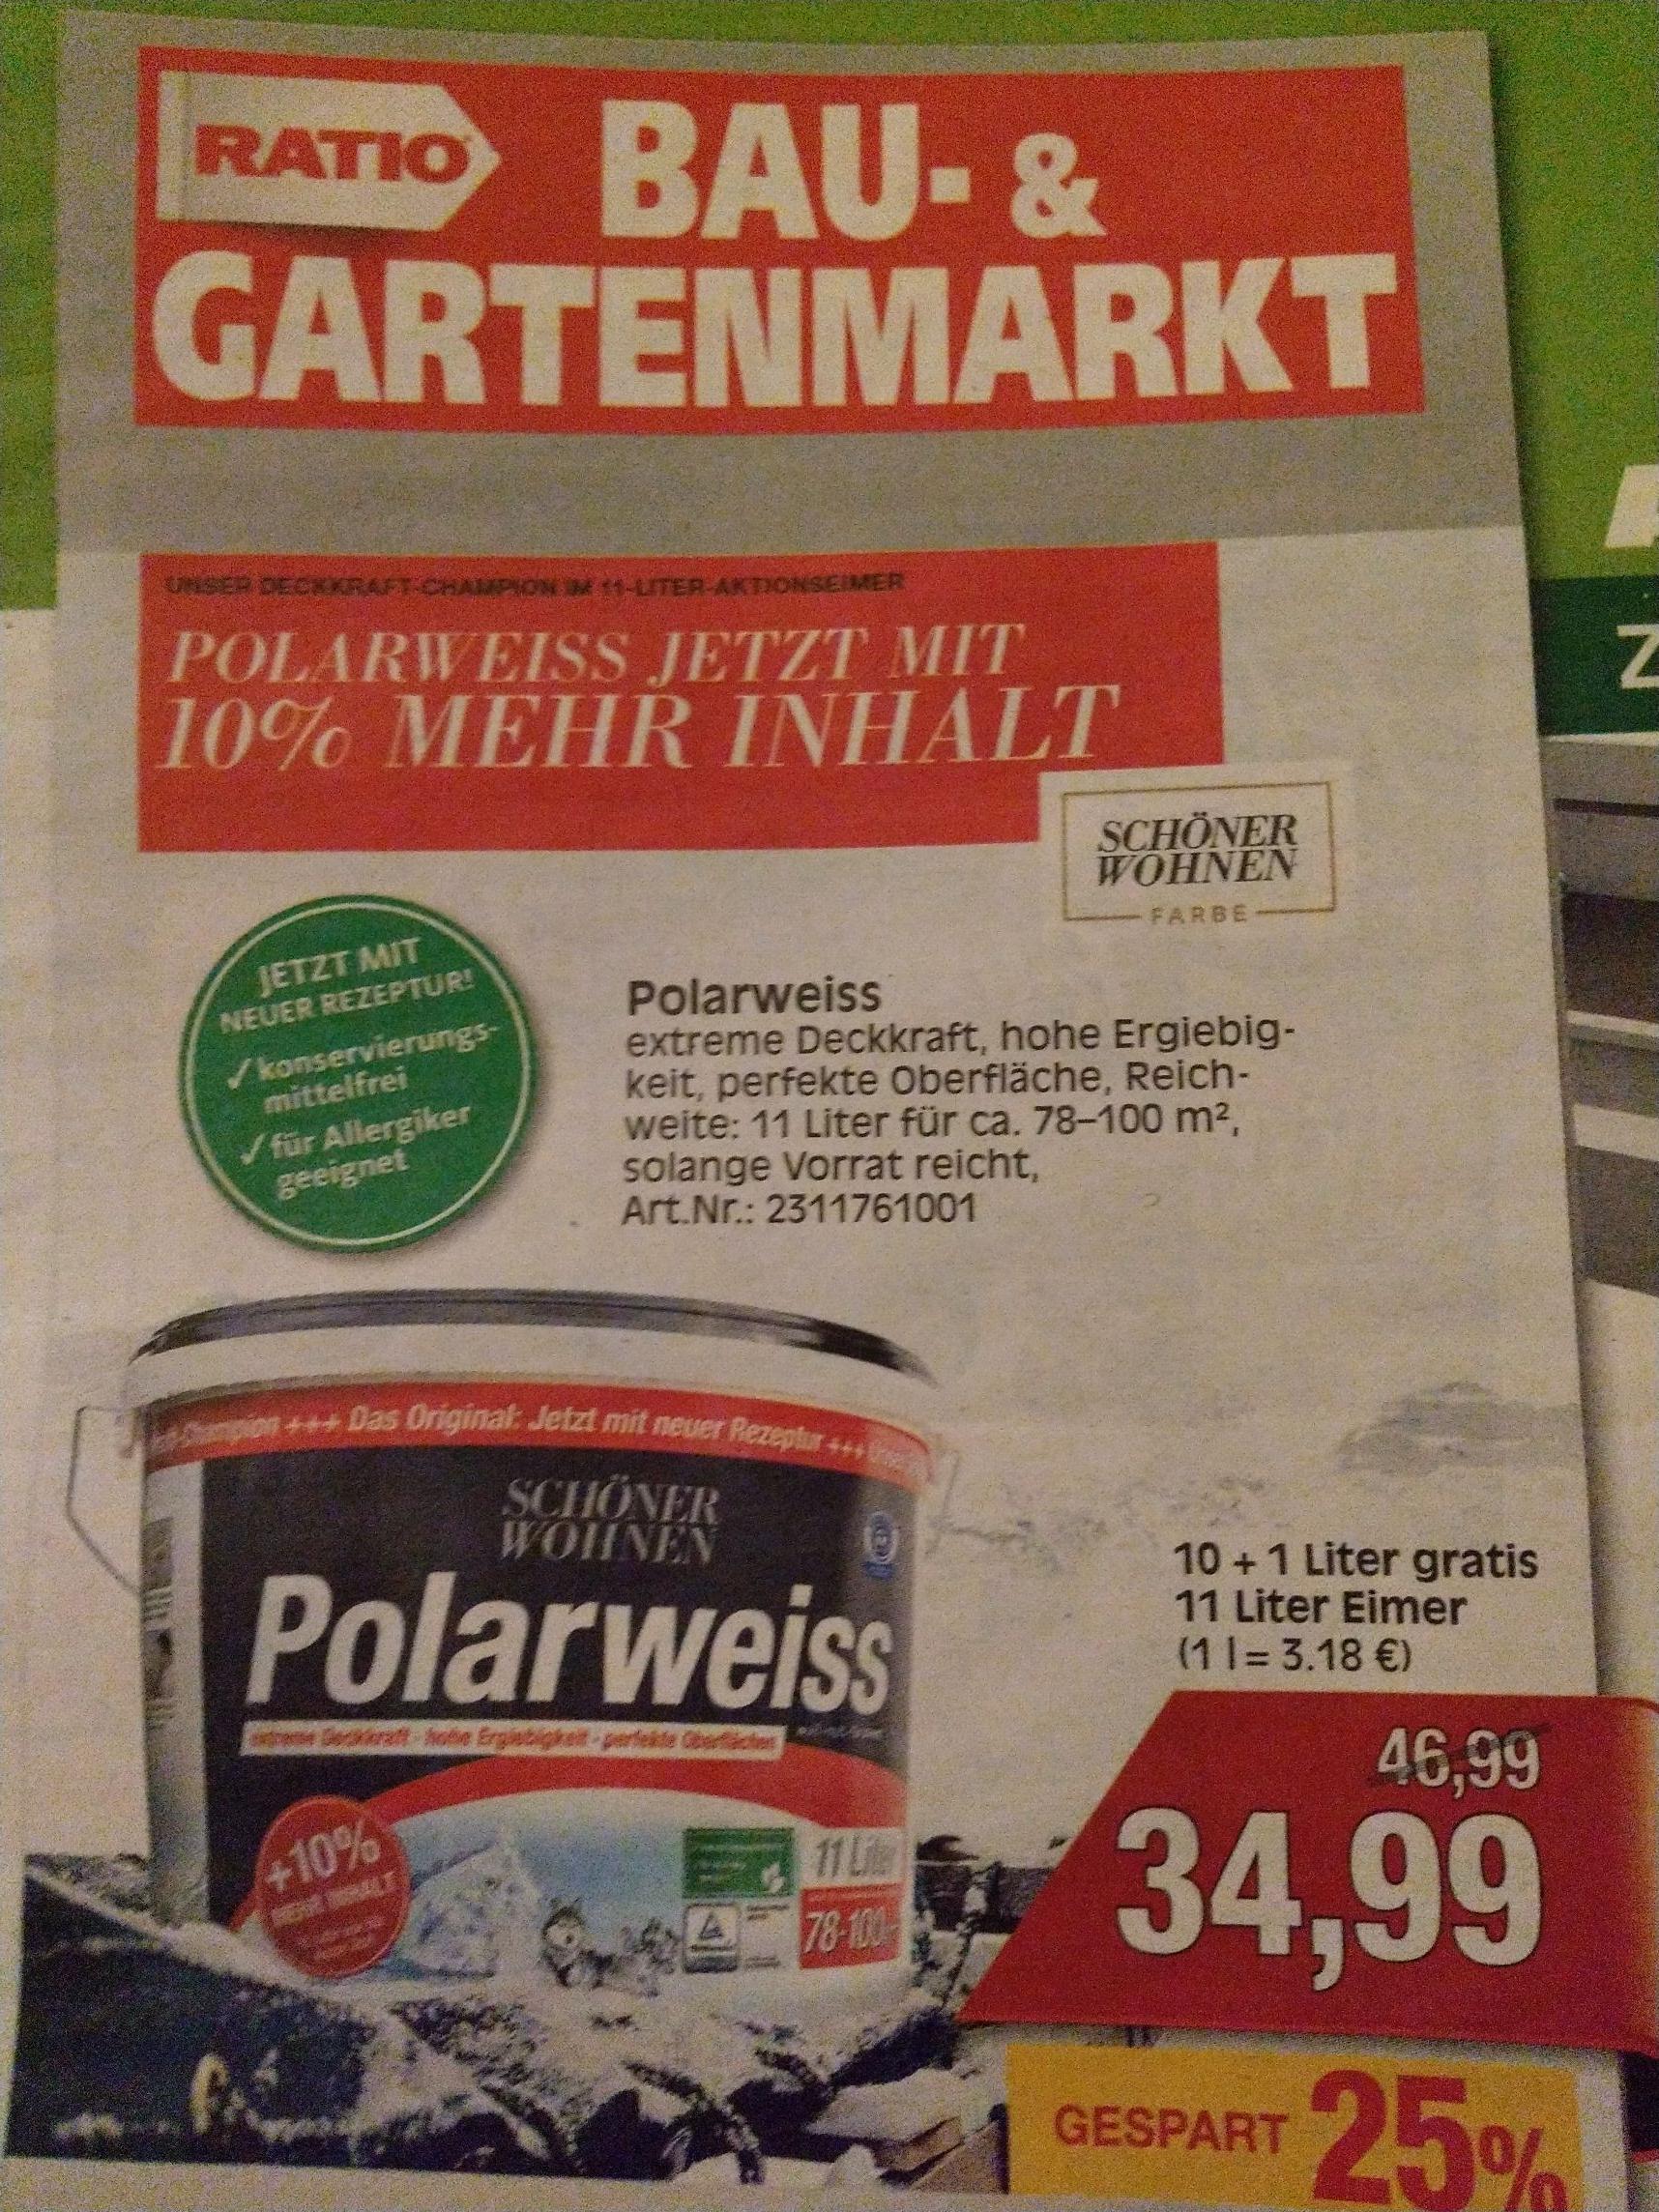 Schöner Wohnen Polarweiss 11 Liter 30,79€ Tiefpreisgarantie Bauhaus  durch Angebot im Ratio Baunatal,